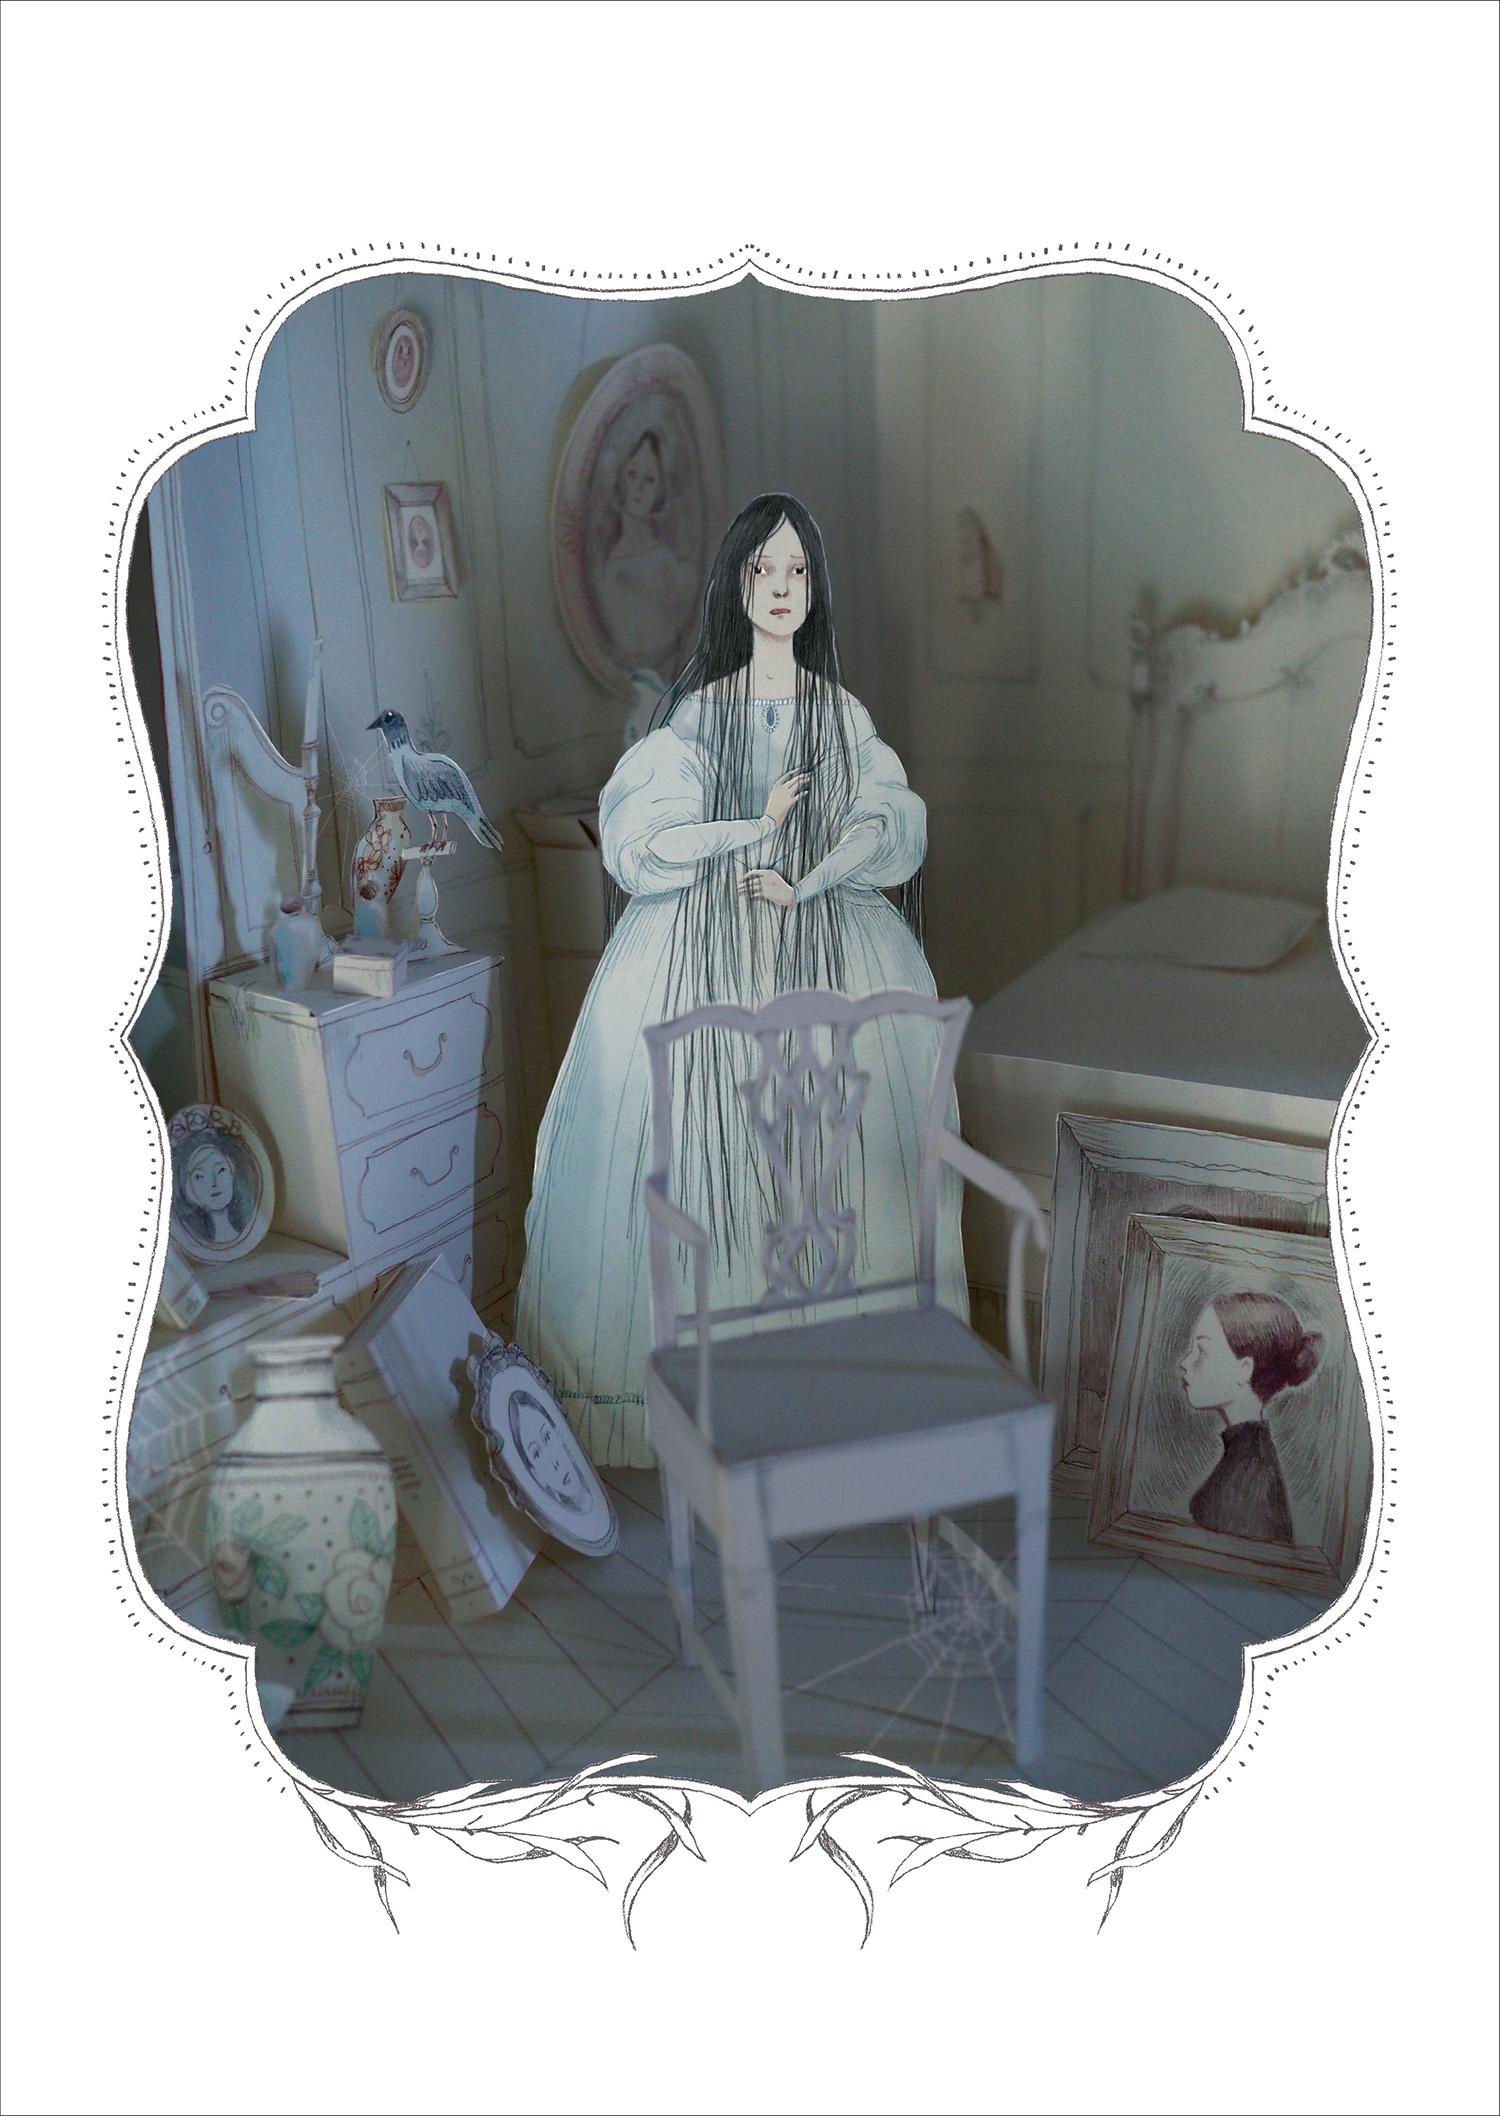 Trois contes de fantômes, planche de l'album © Soleil / Garoche / Maupassant